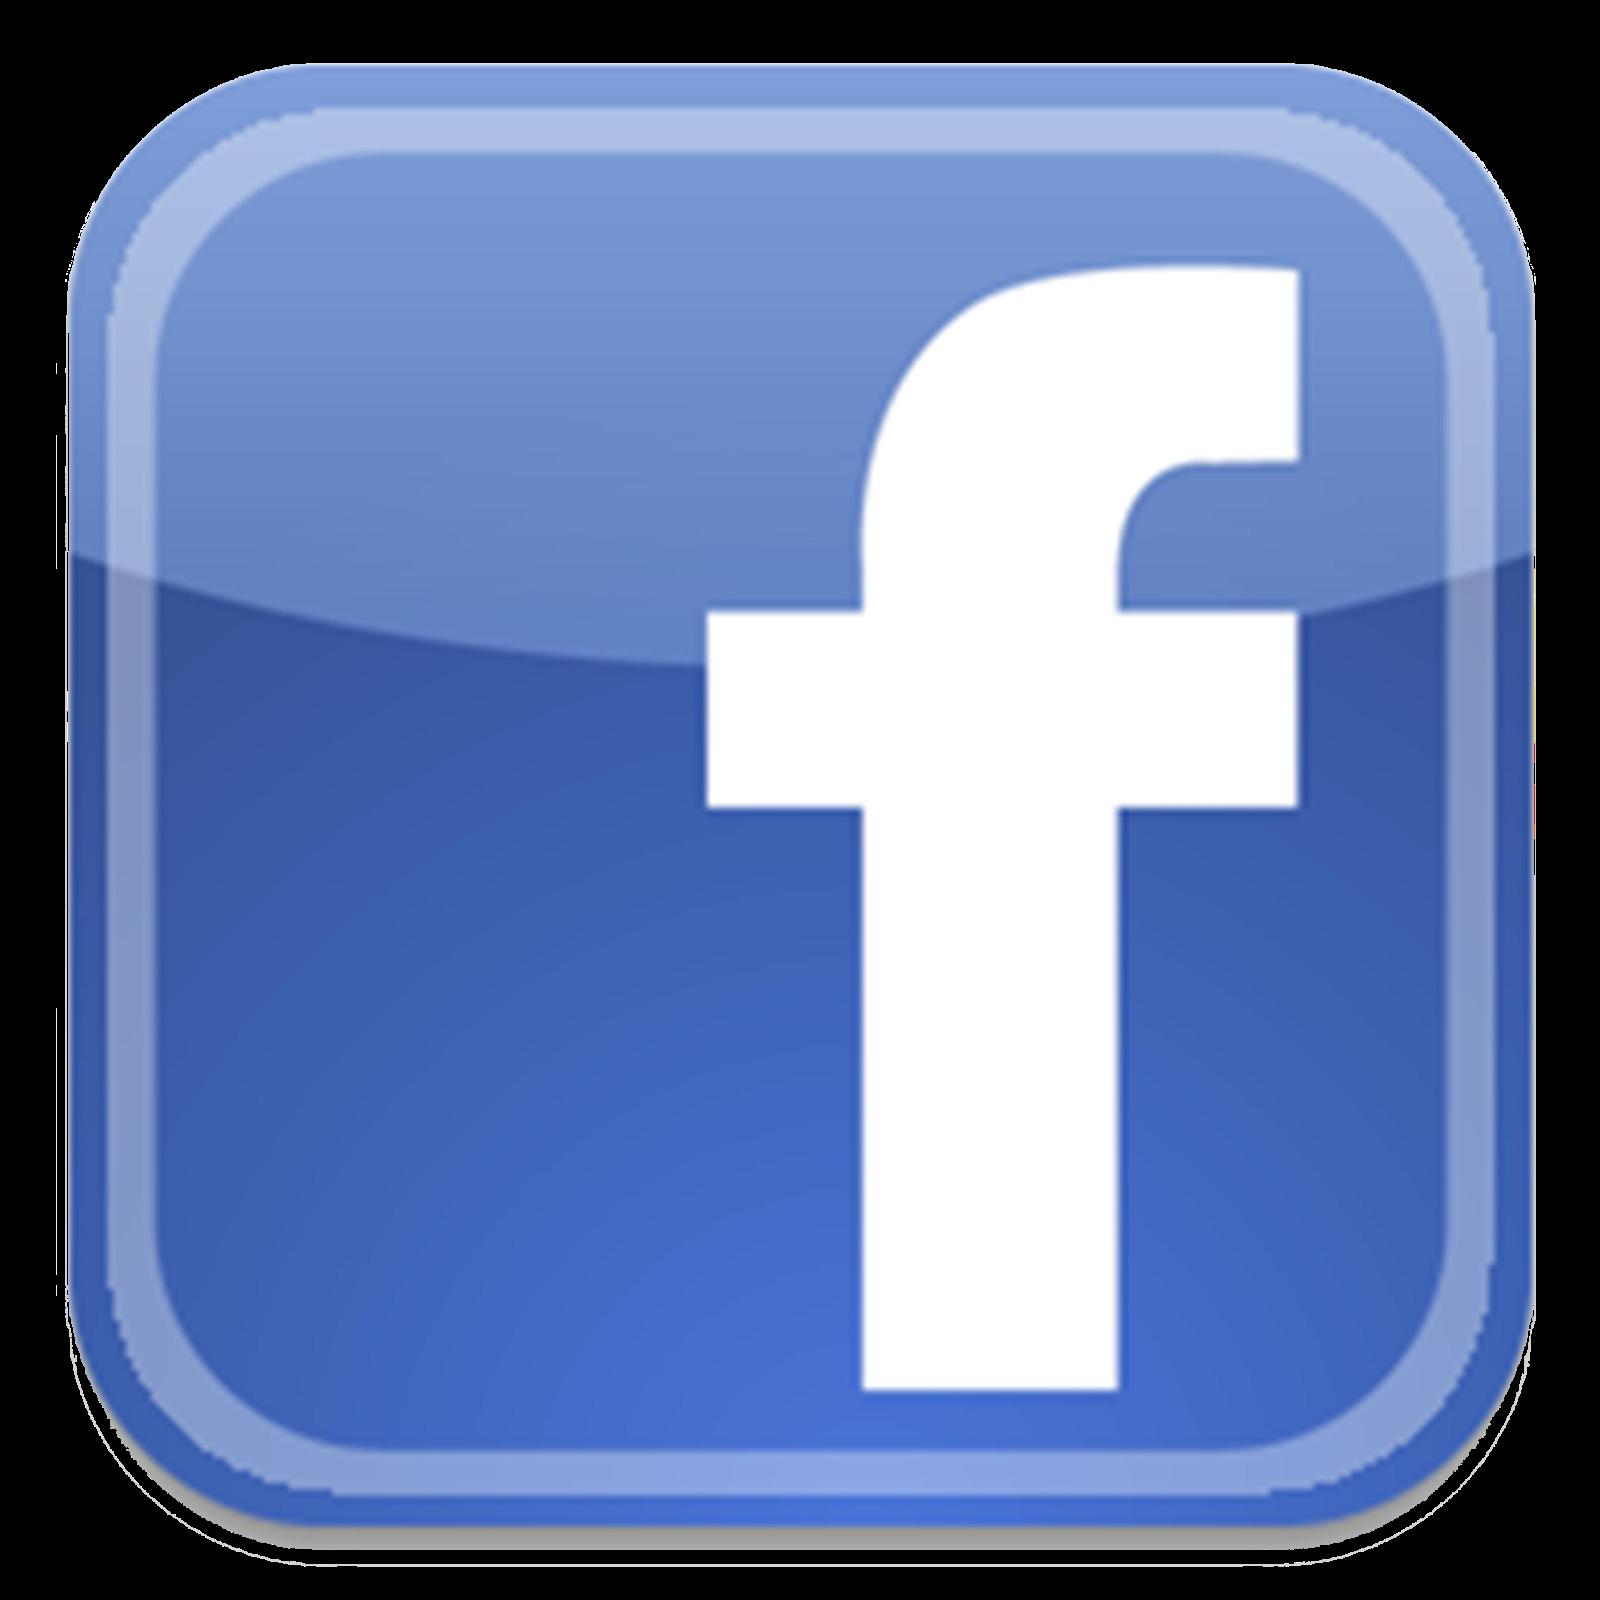 Síguenos en Facebook – Federación Extremeña de Tenis